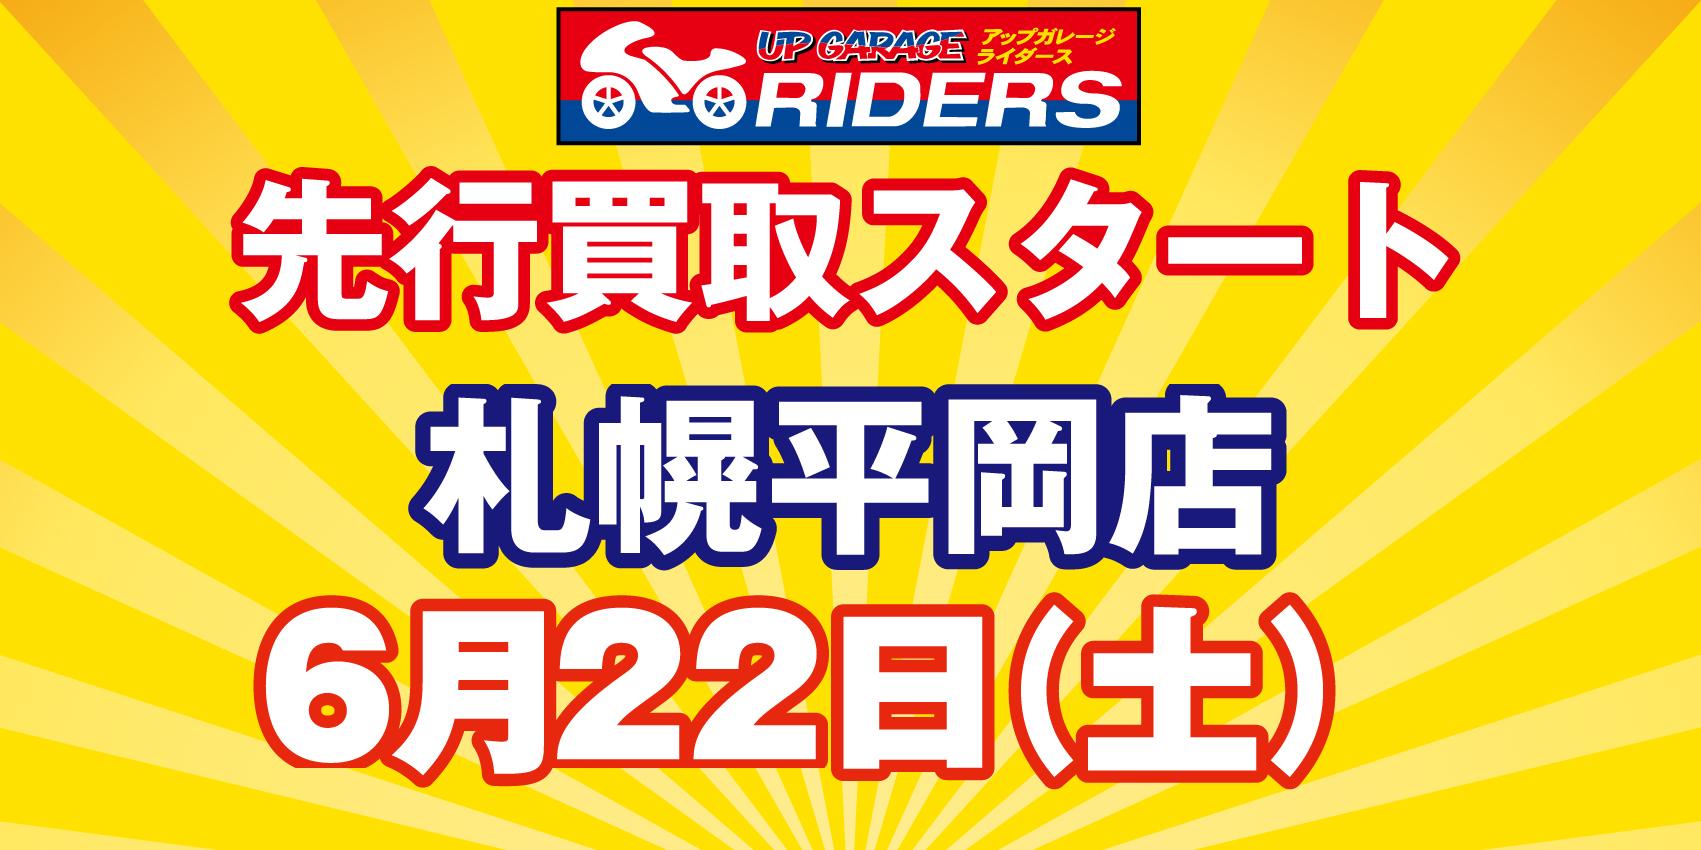 札幌平岡店ライダース併設オープン!! 先行買取スタート!